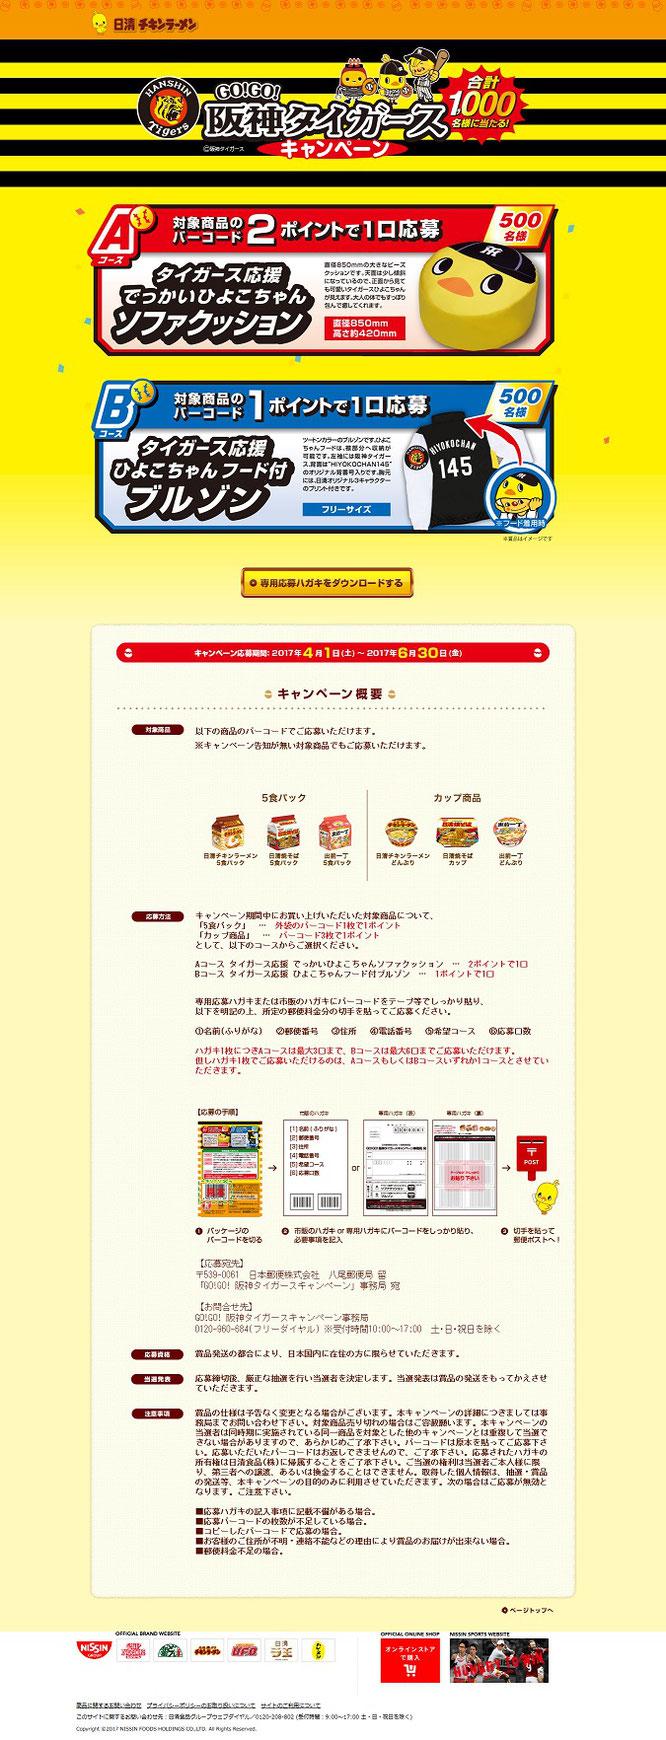 【日清食品】チキンラーメン 阪神タイガースキャンペーン2017